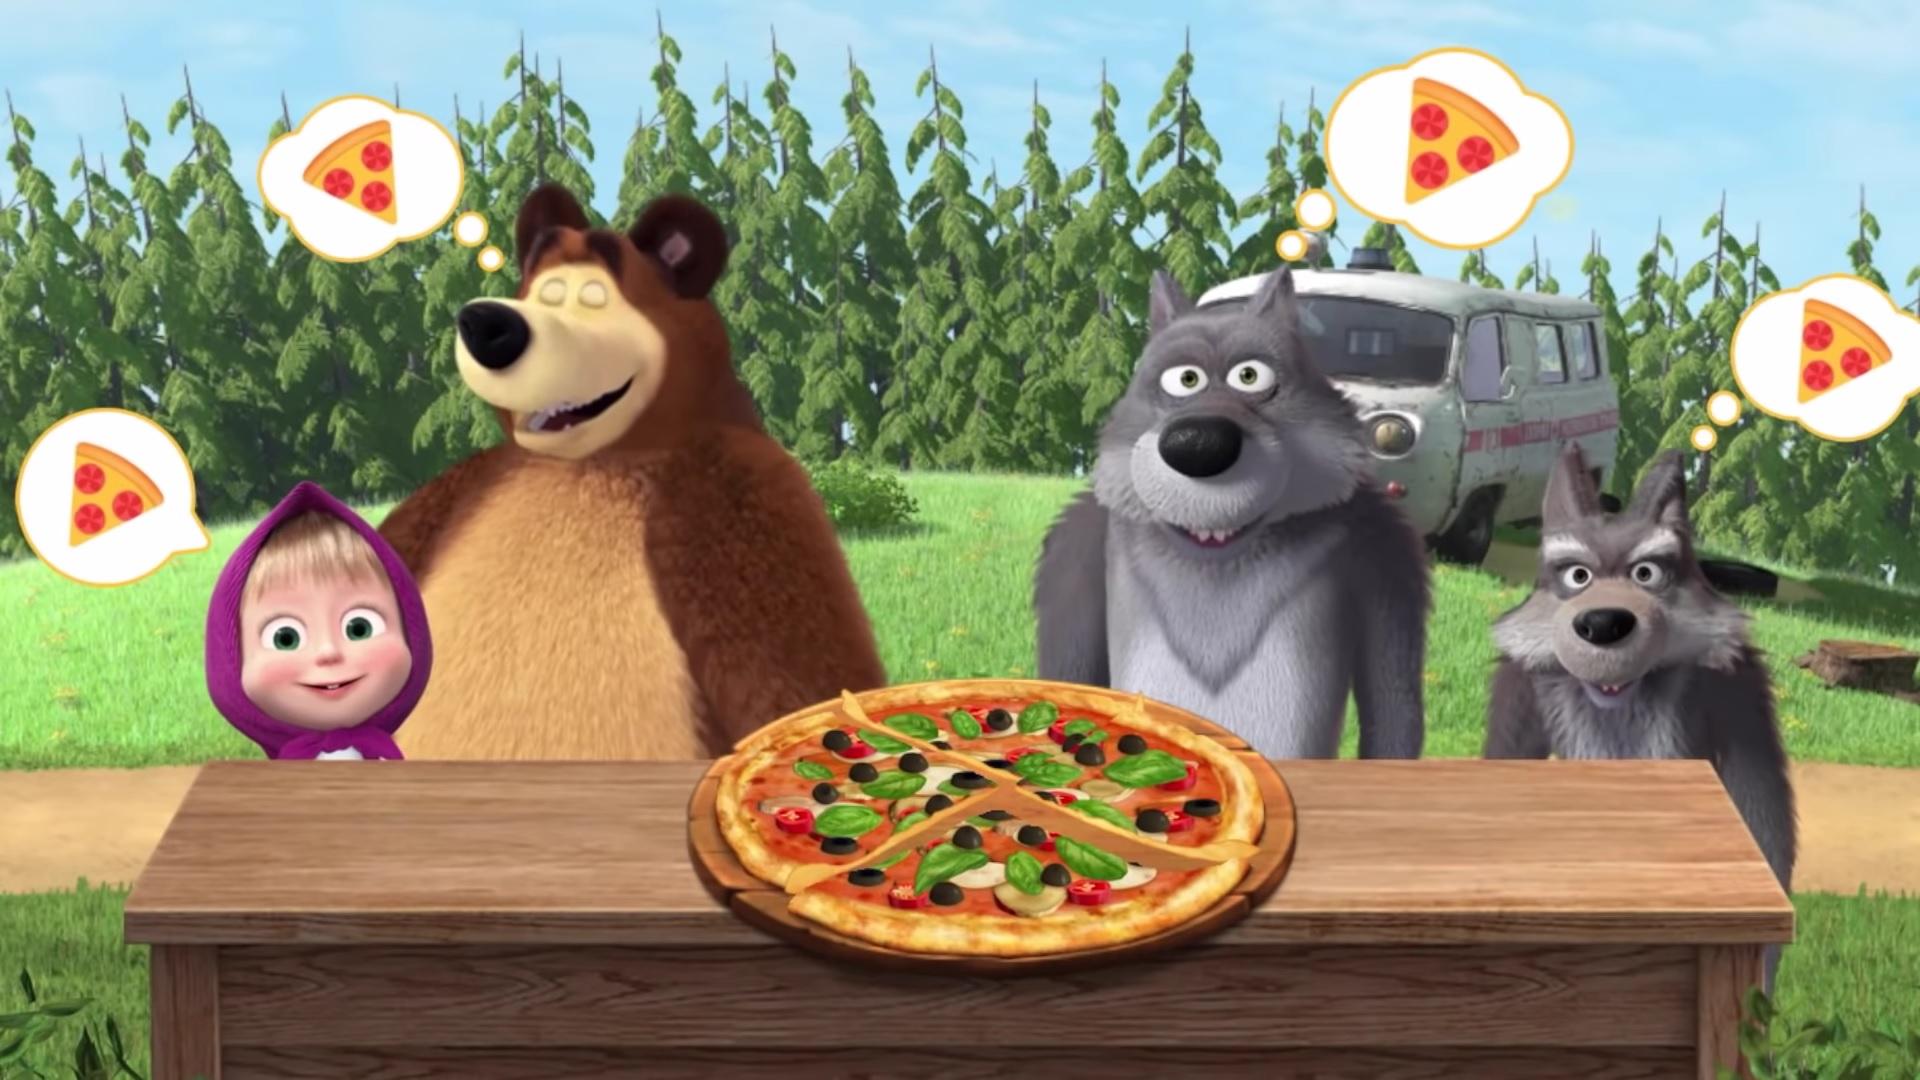 Маша и Медведь: Пиццерия на Андроид